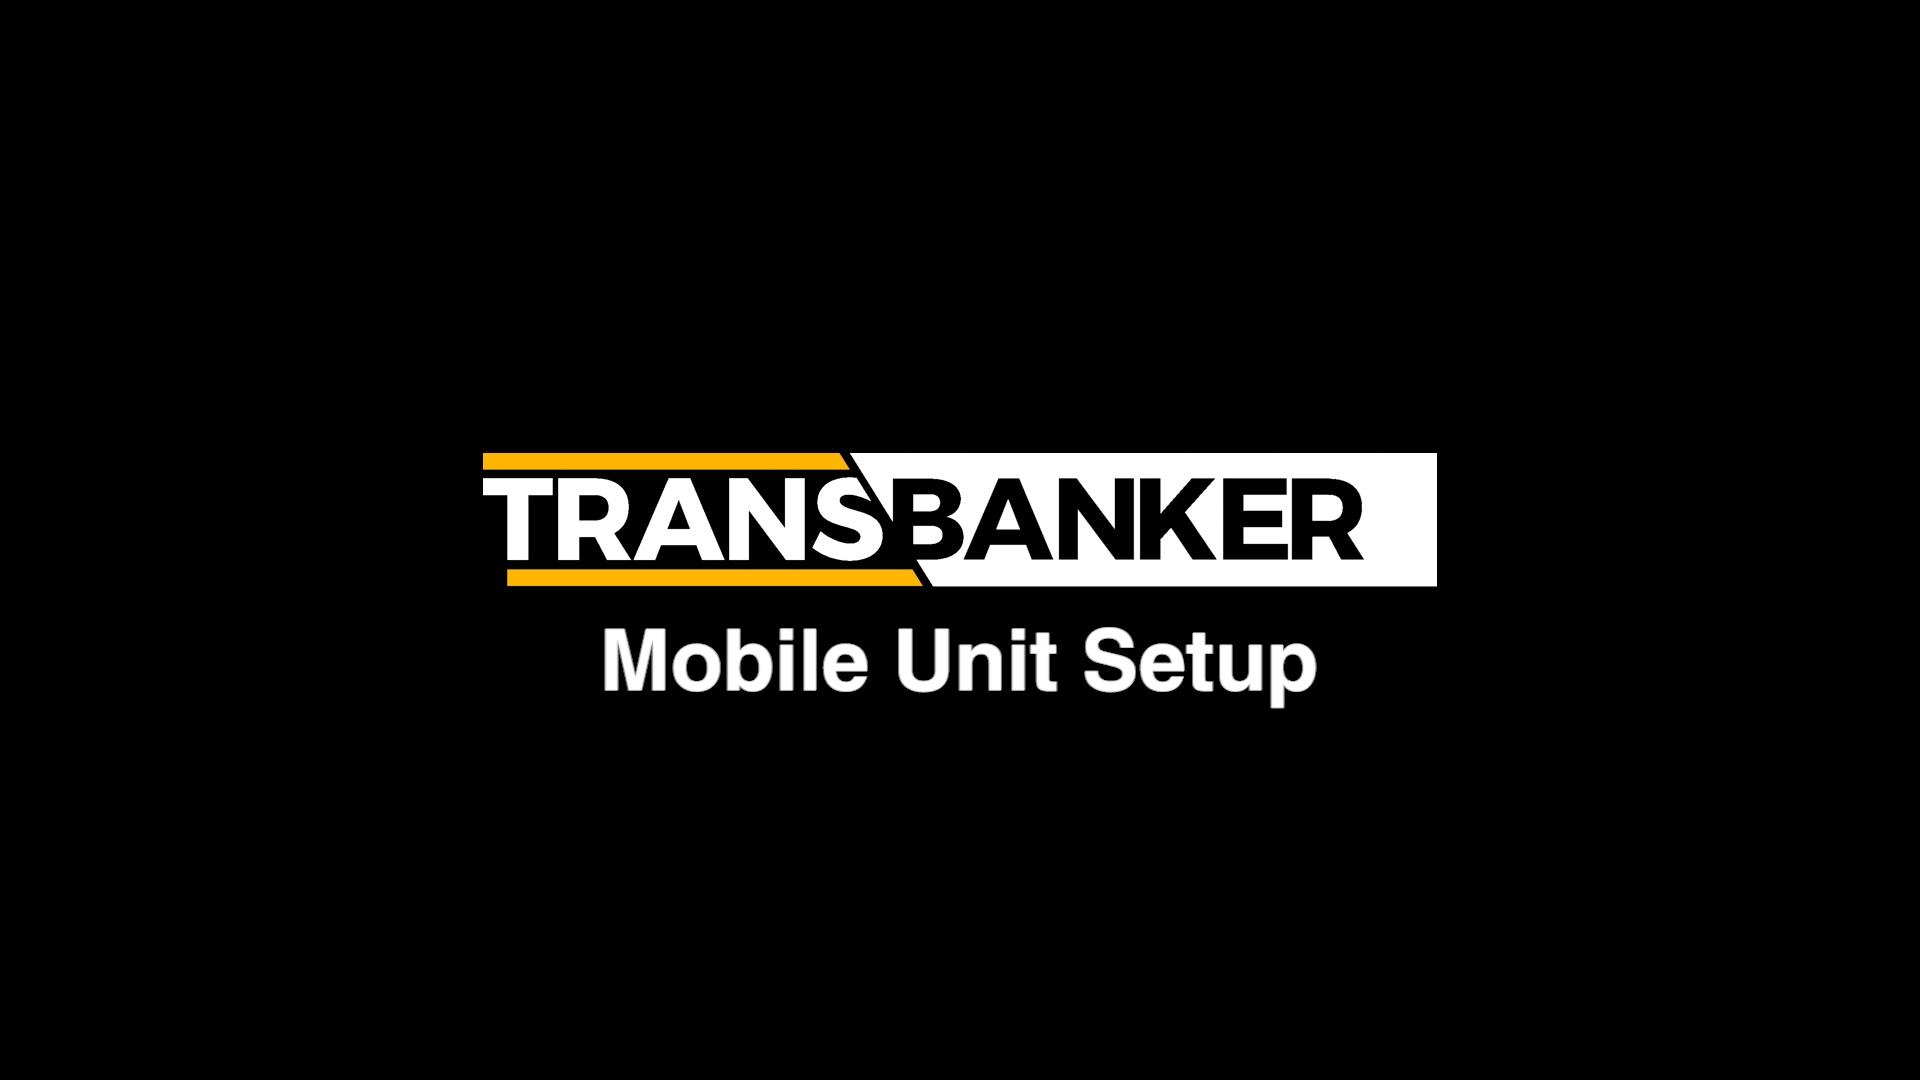 Transbanker Mobile Unit Setup